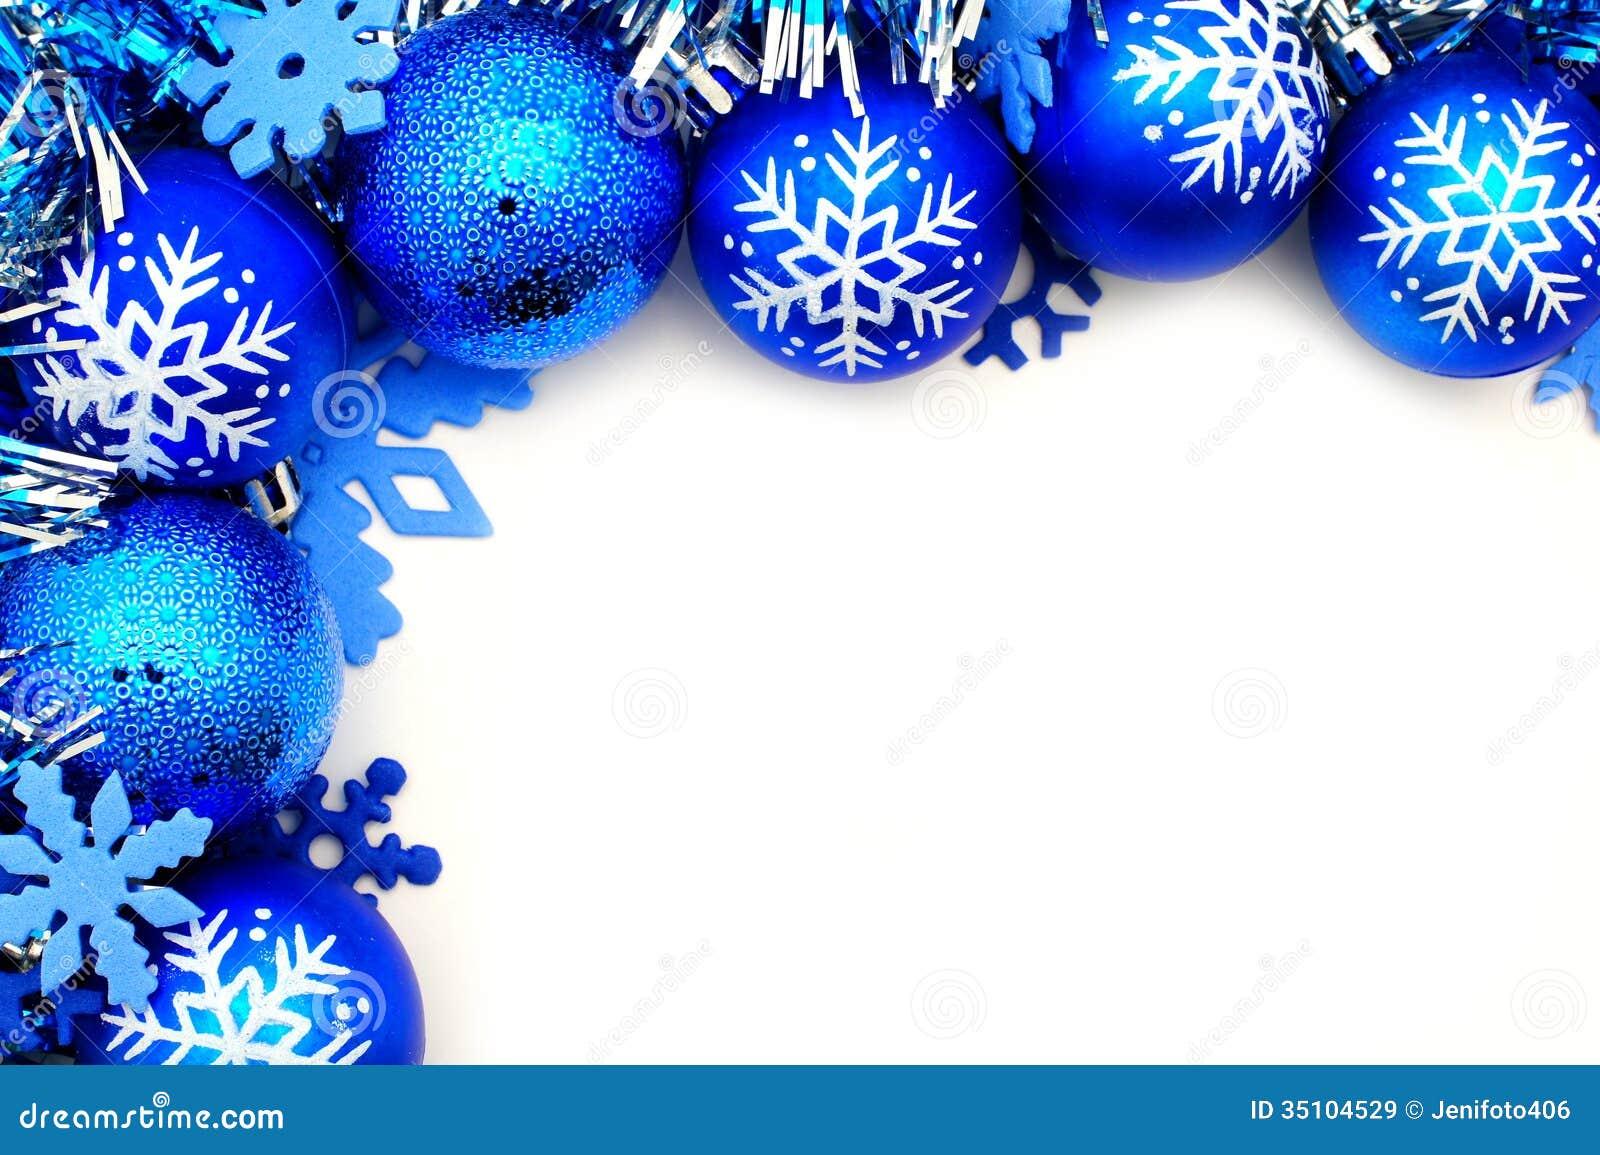 Colorful Christmas Corner Border Background Stock Photo - Image ...